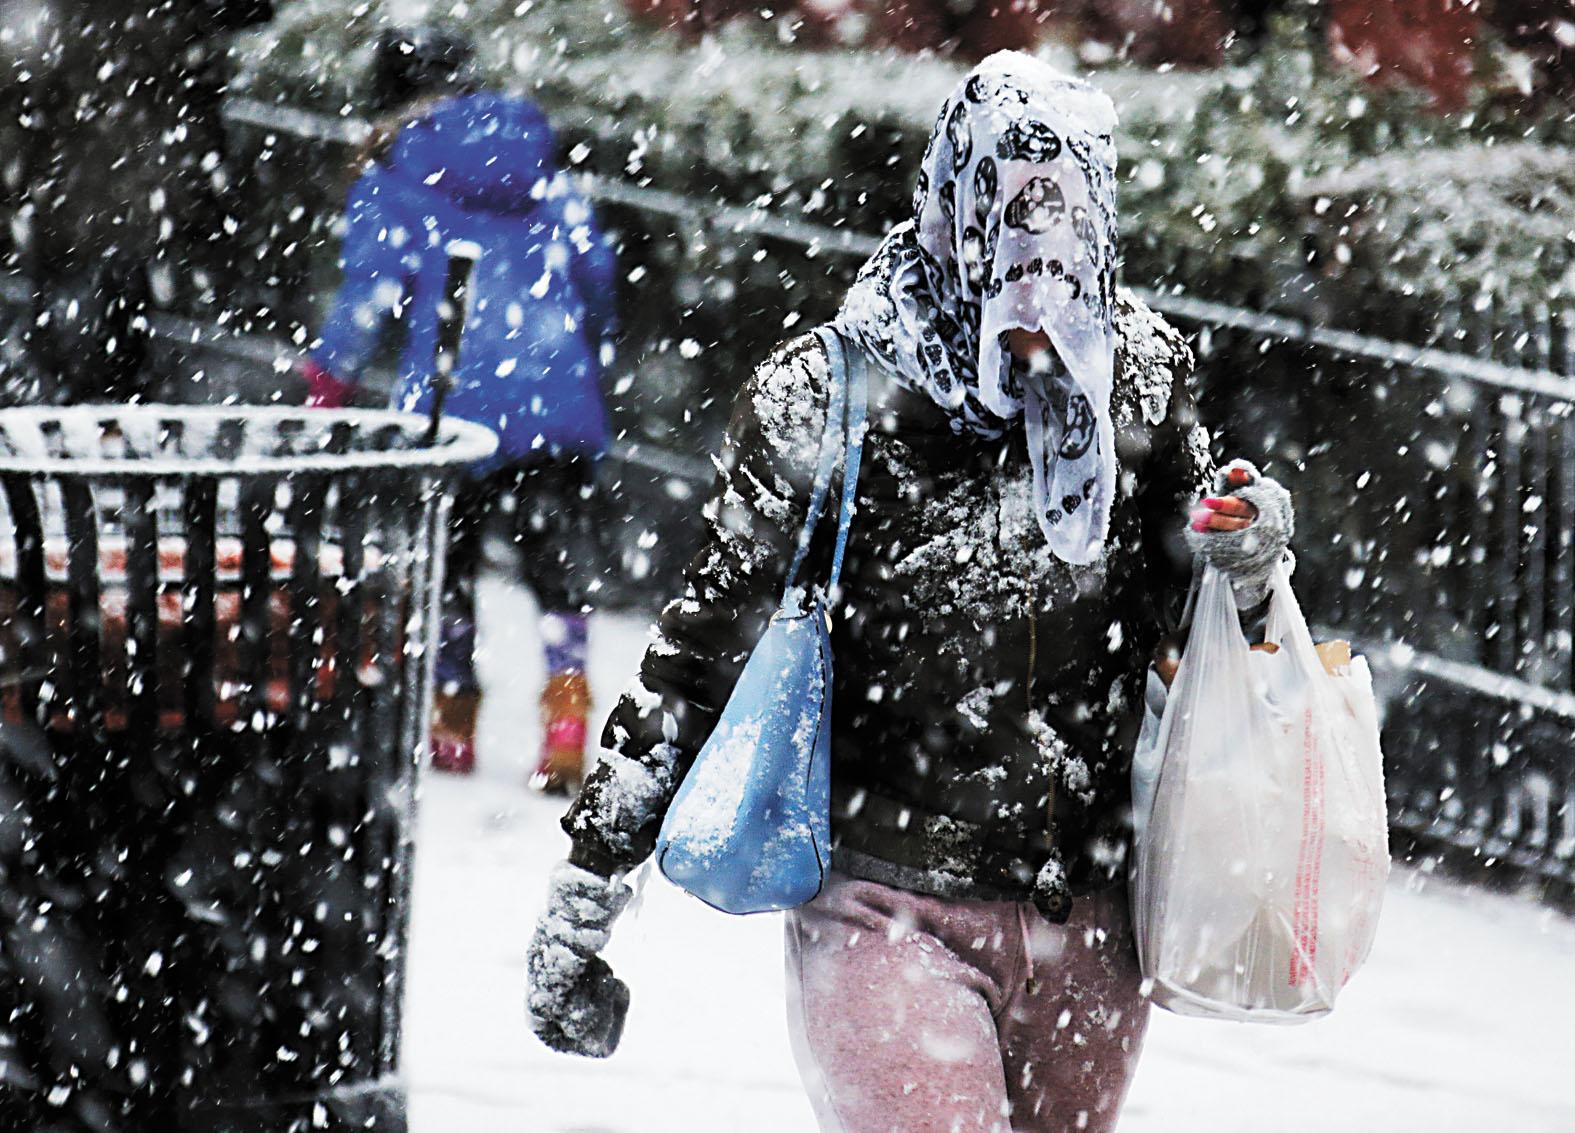 民眾在暴雪中艱難前行。美聯社